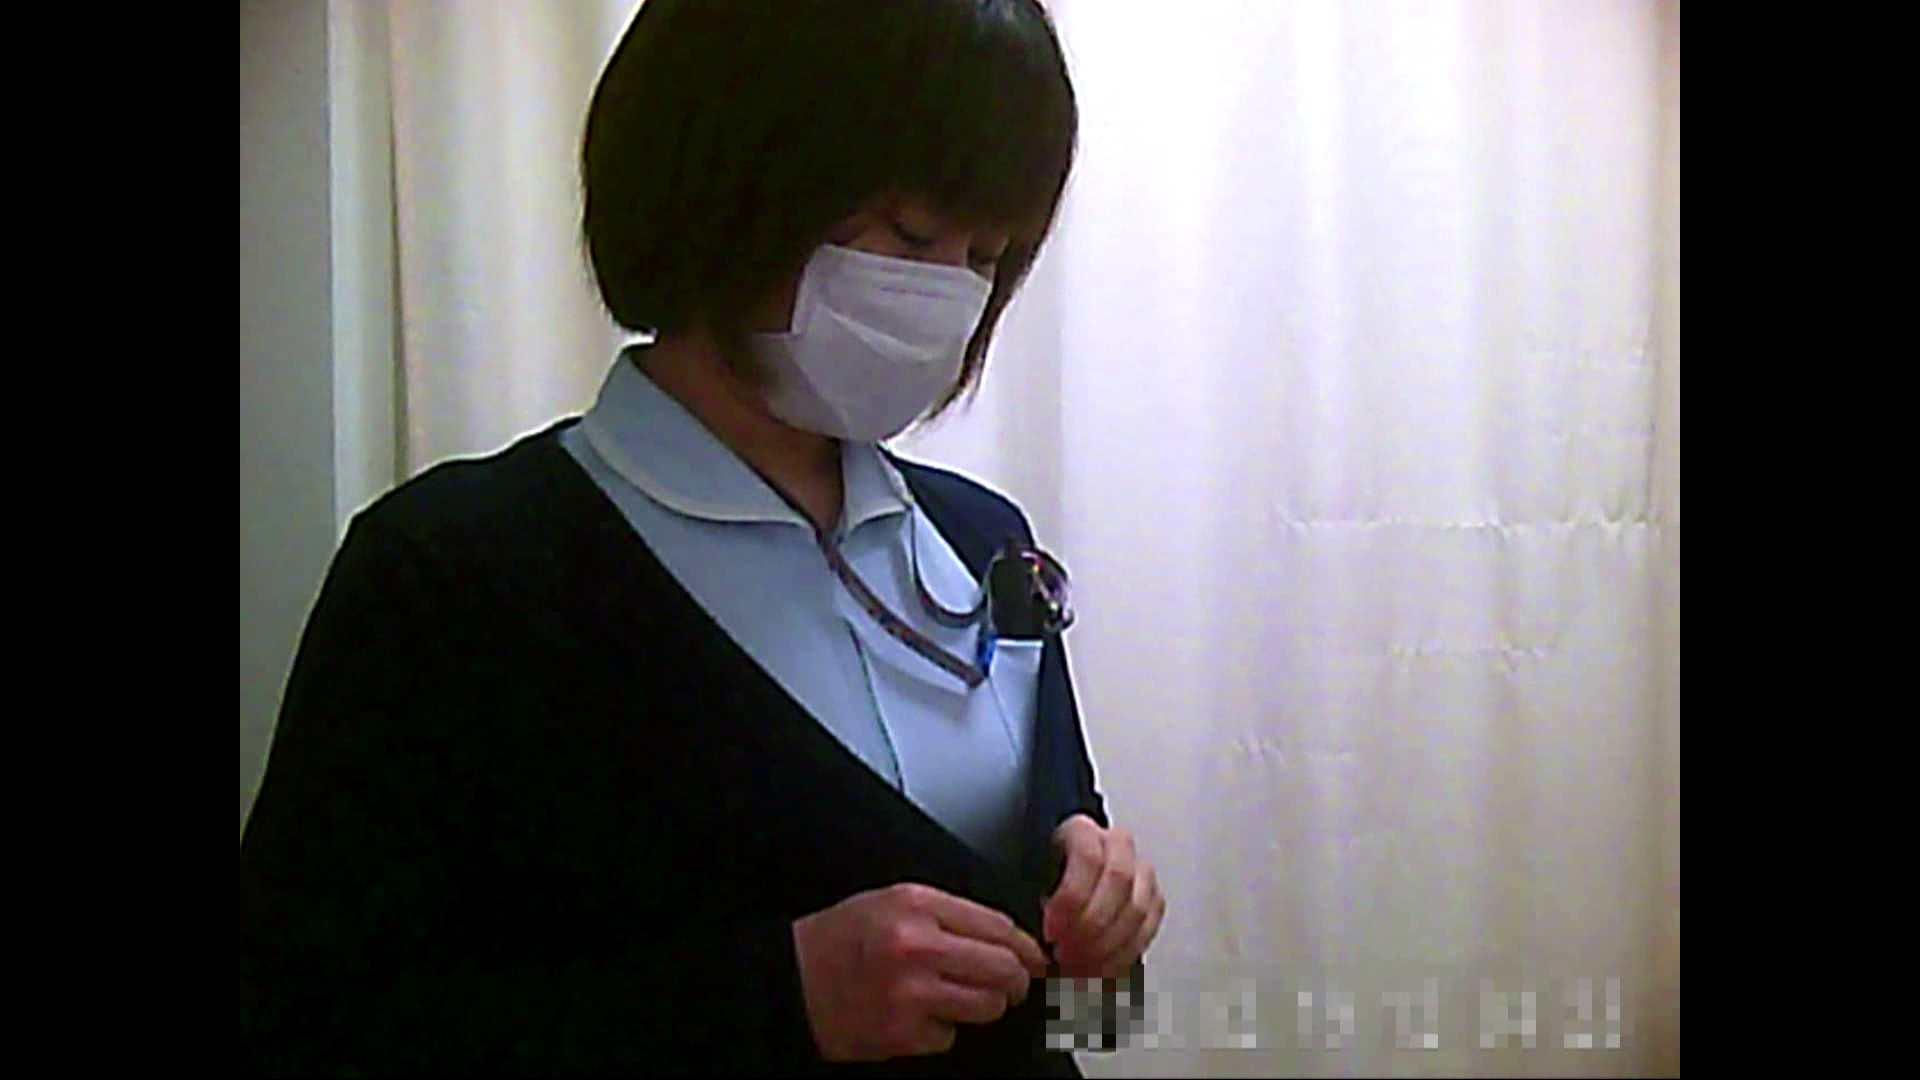 元医者による反抗 更衣室地獄絵巻 vol.141 OLハメ撮り  78Pix 30